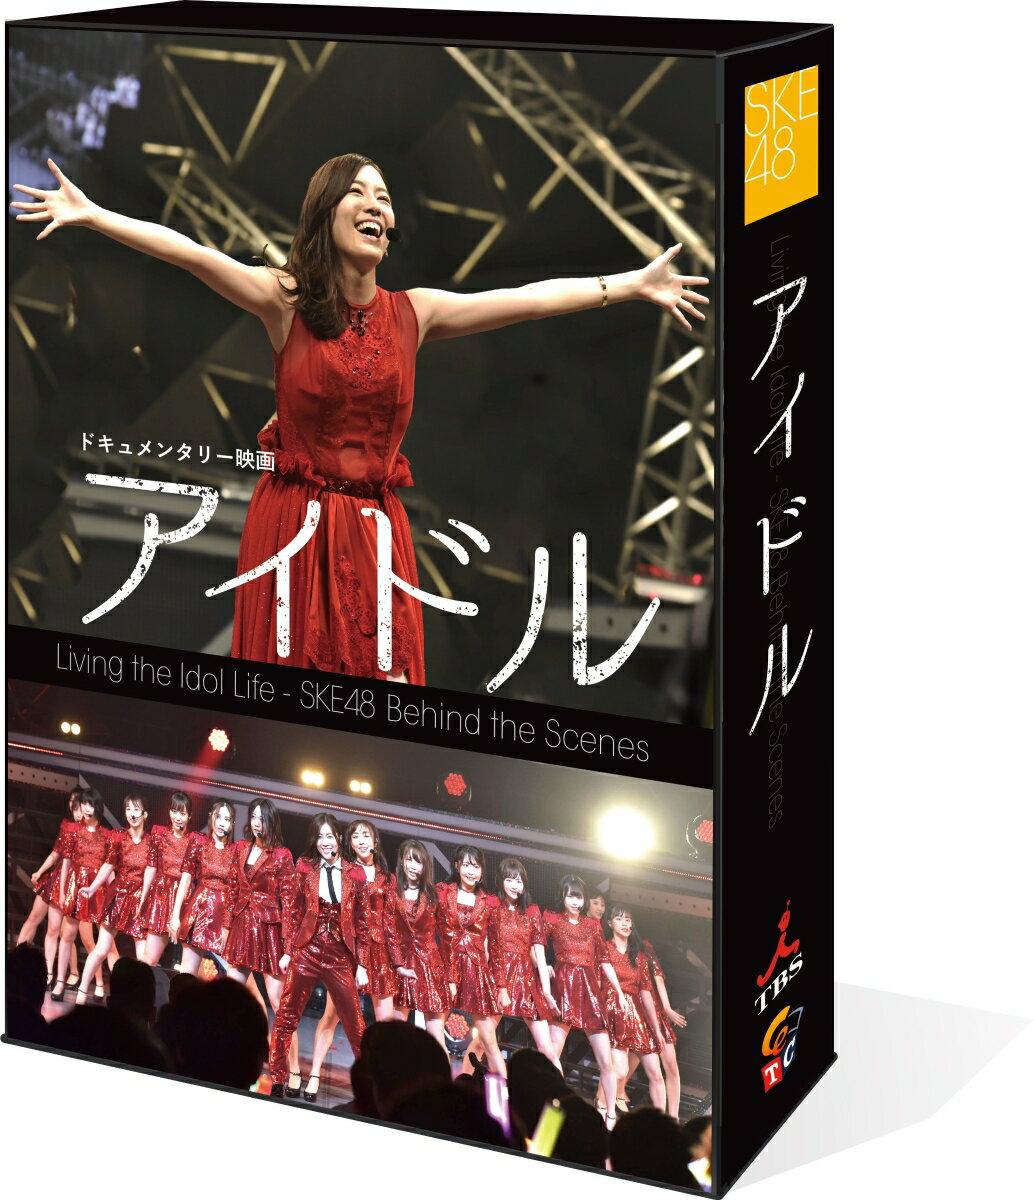 ドキュメンタリー映画「アイドル」 コンプリートBlu-ray BOX【Blu-ray】 [ SKE48 ]